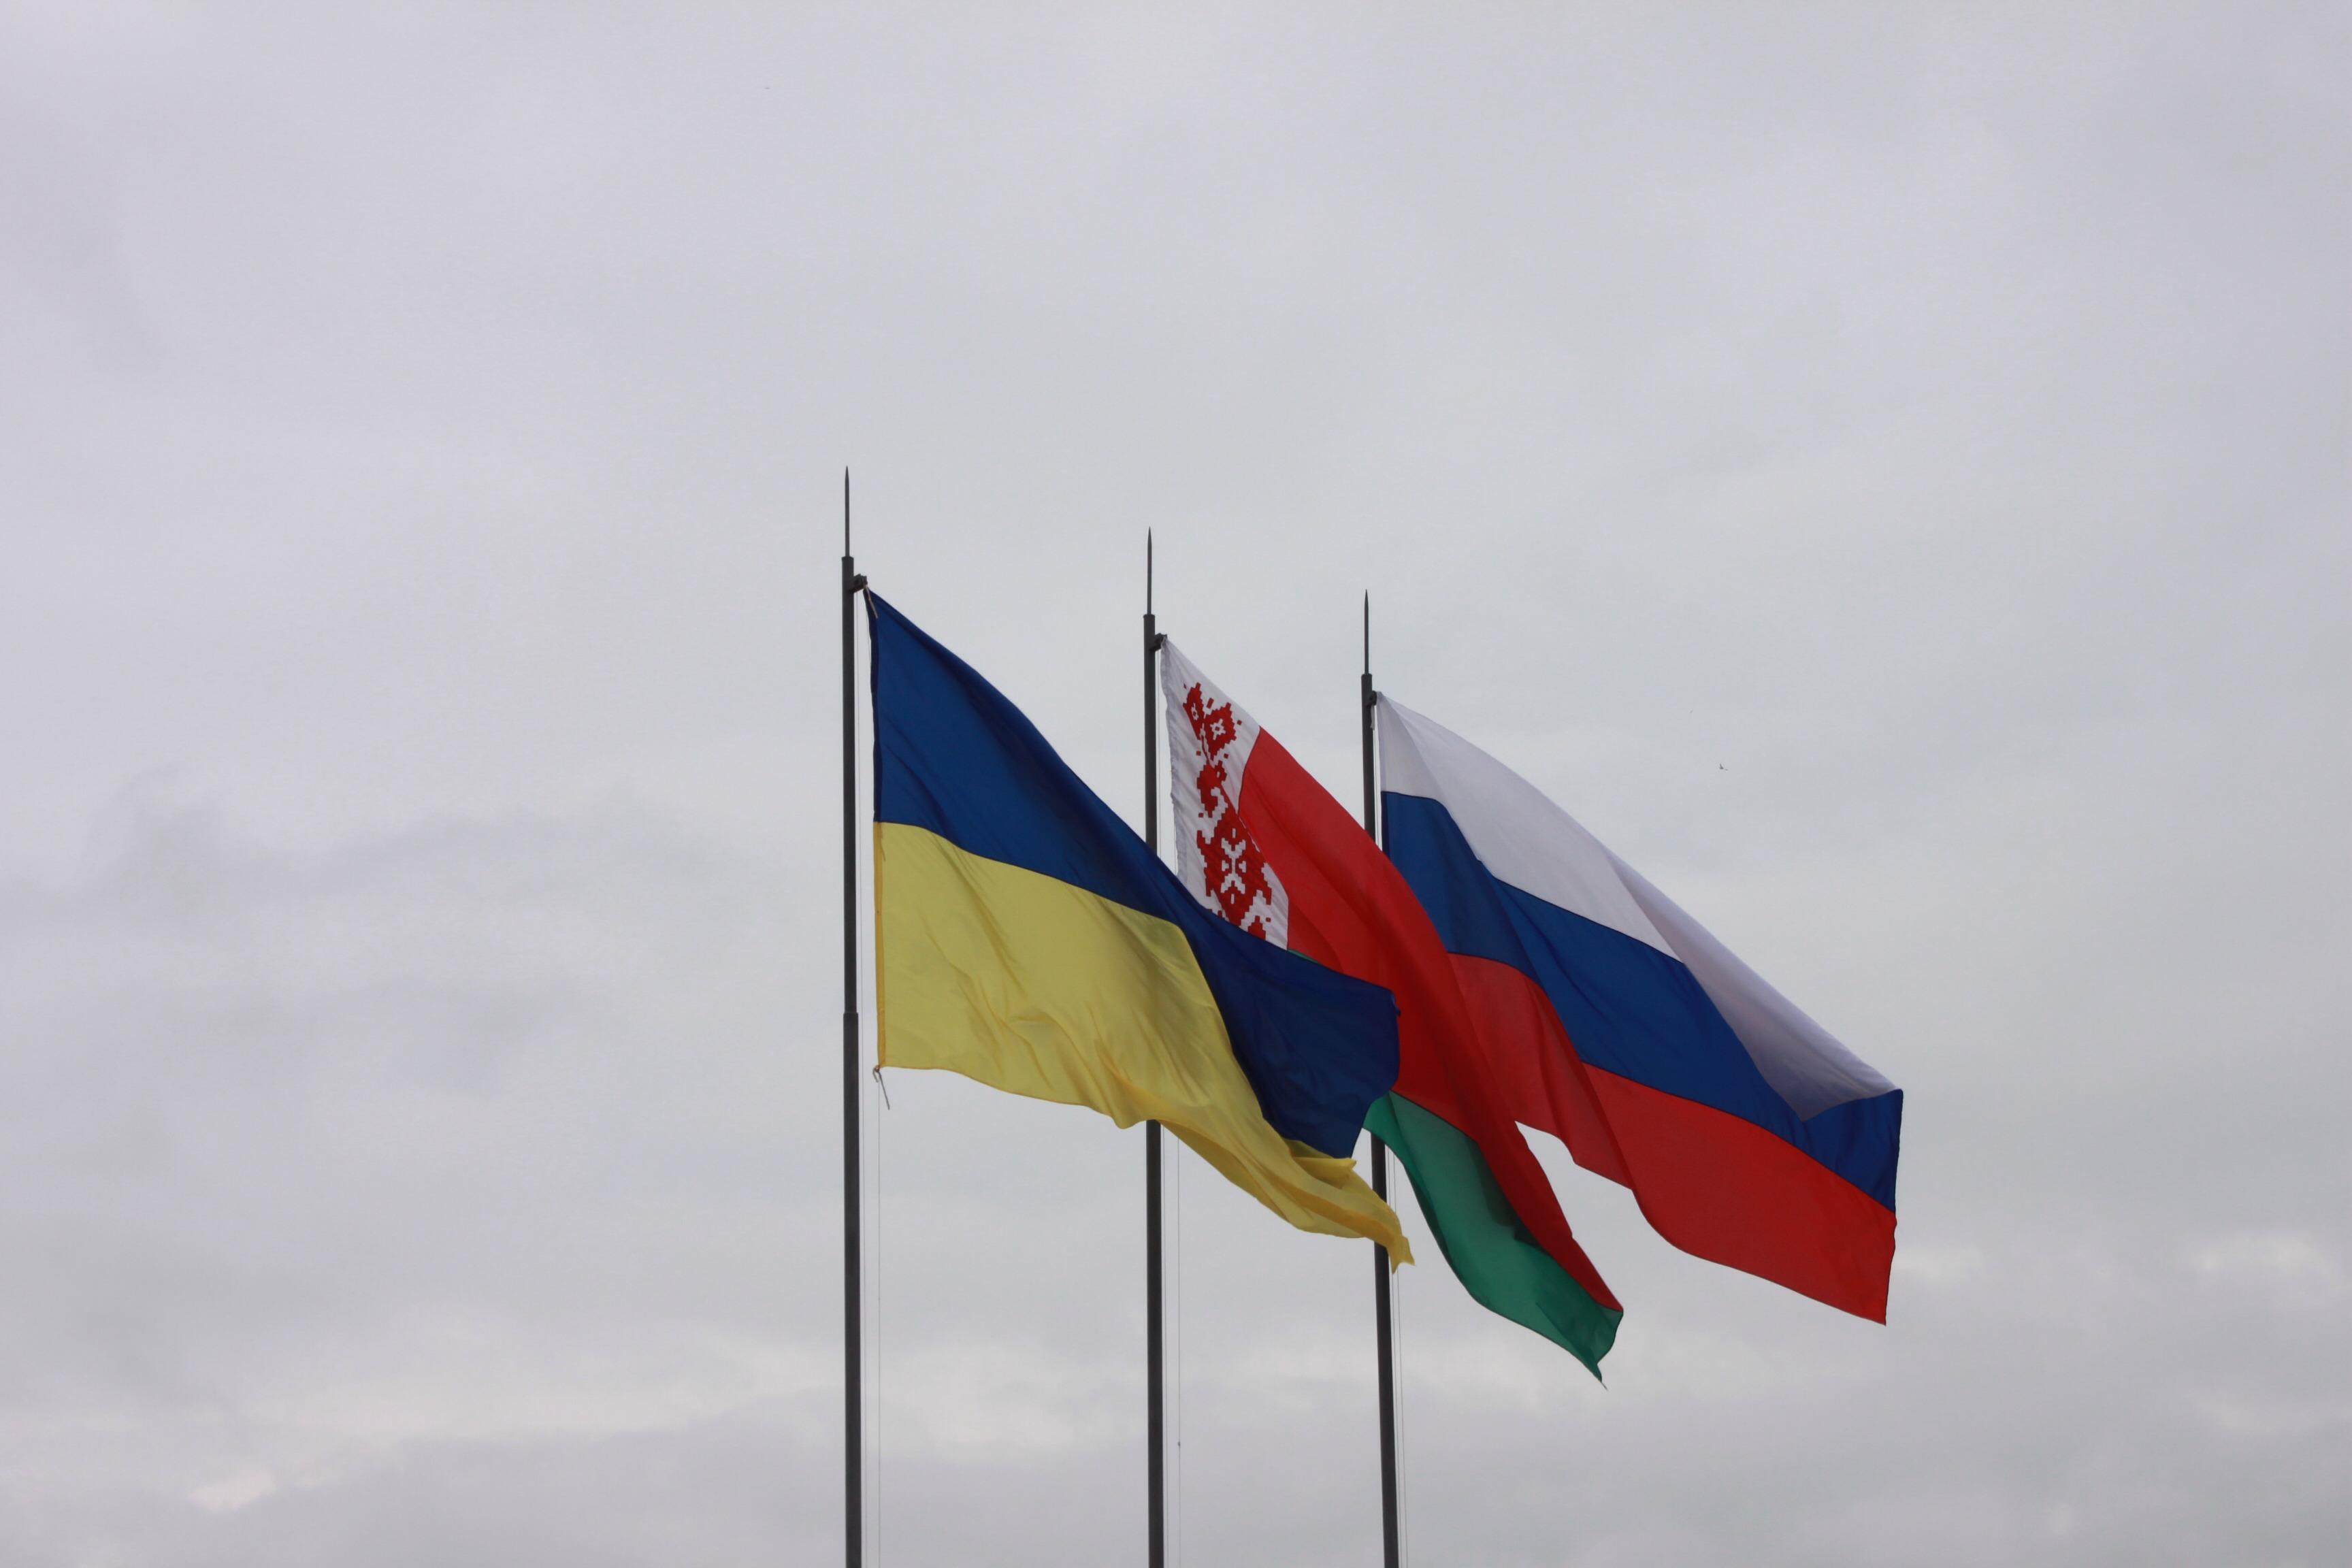 Украина и Беларусь сегодня – друзья или соседи?